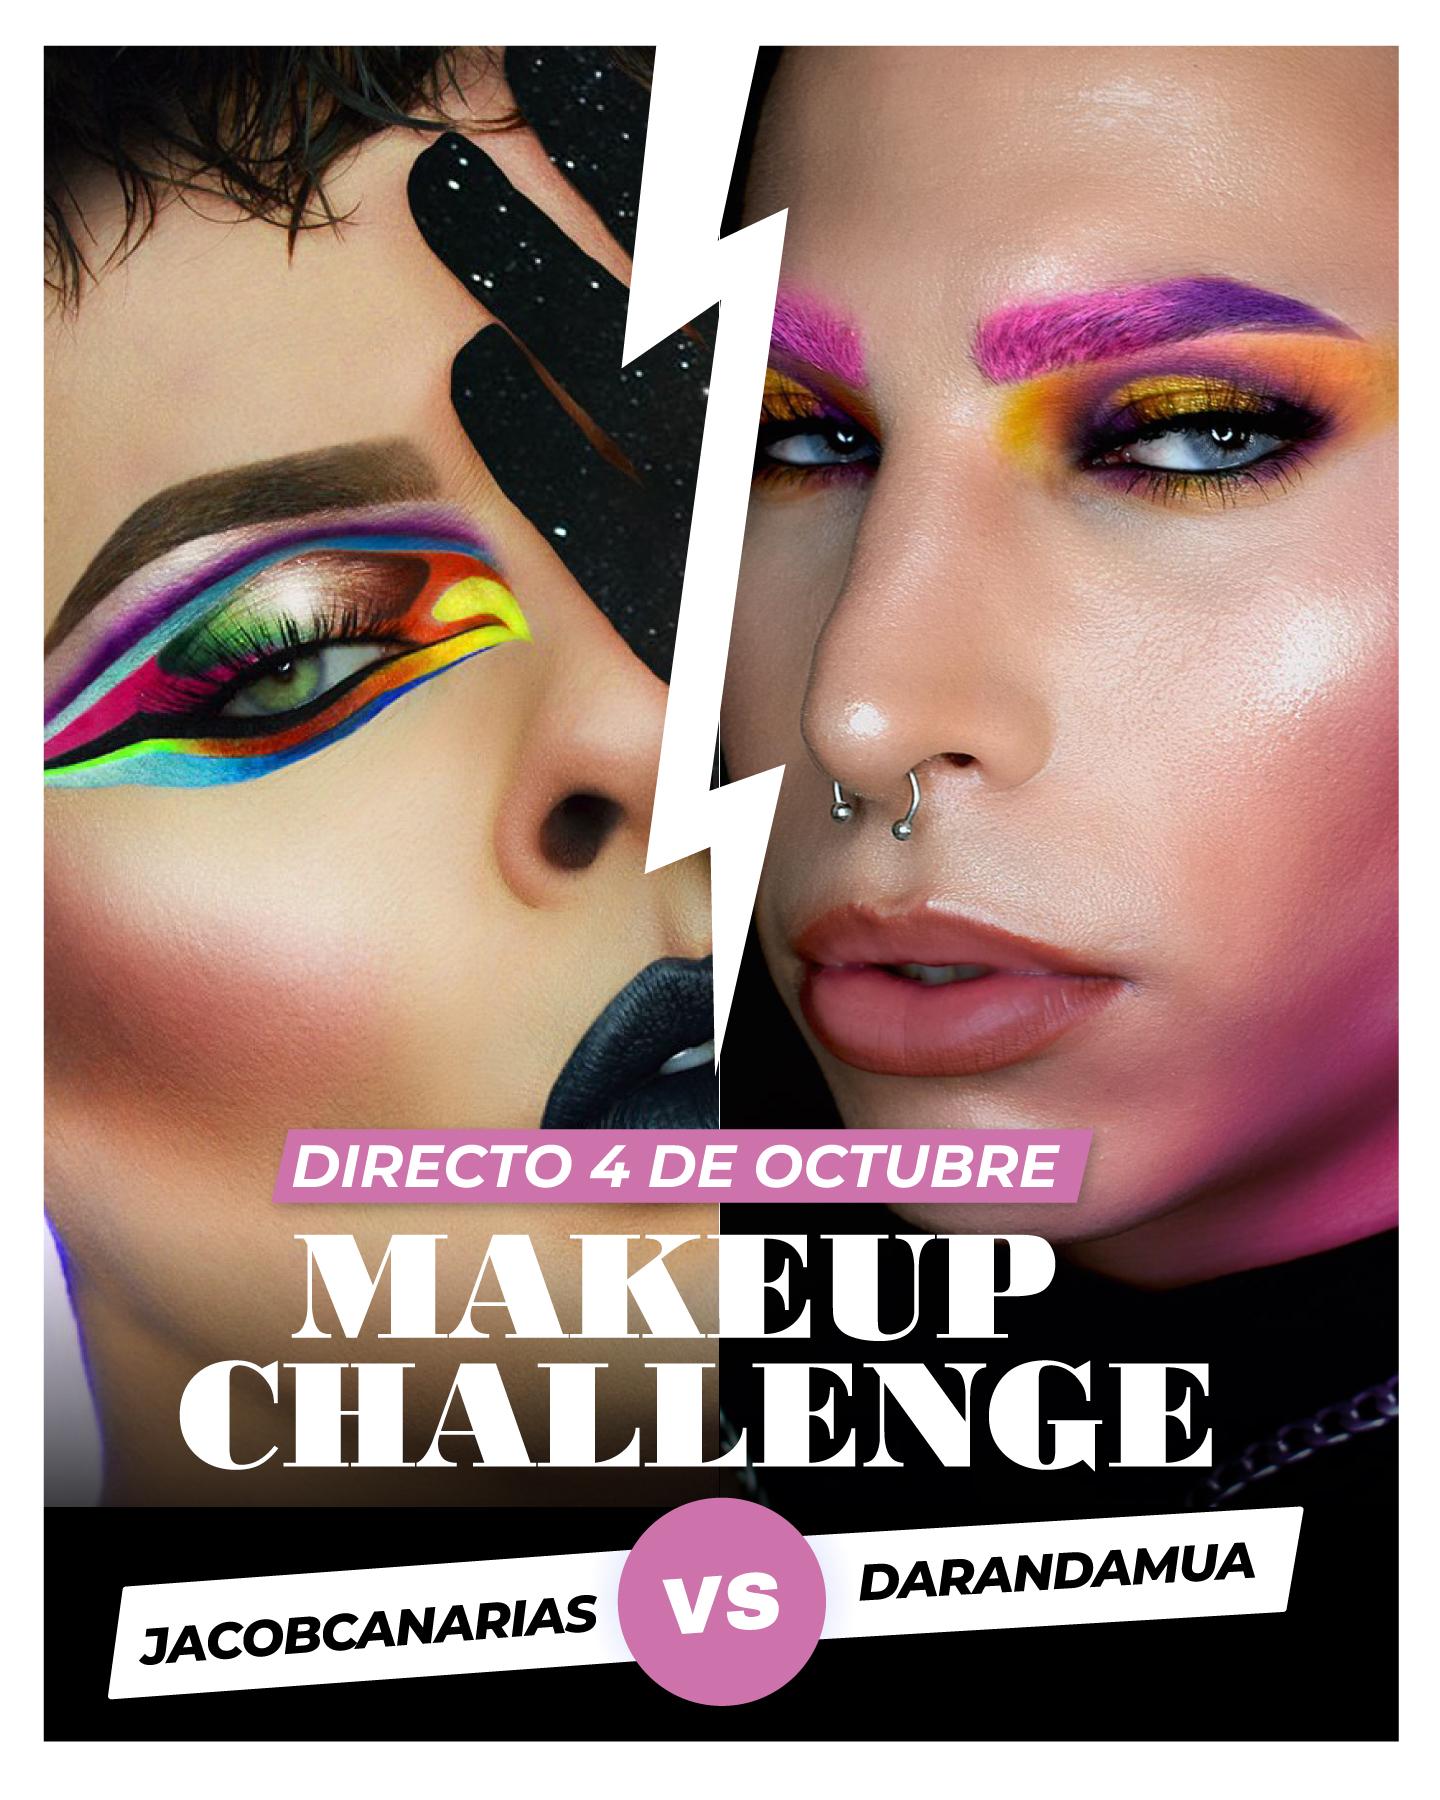 Canarias Makeup Challenge - Jacob Canarias Vs Darandamua